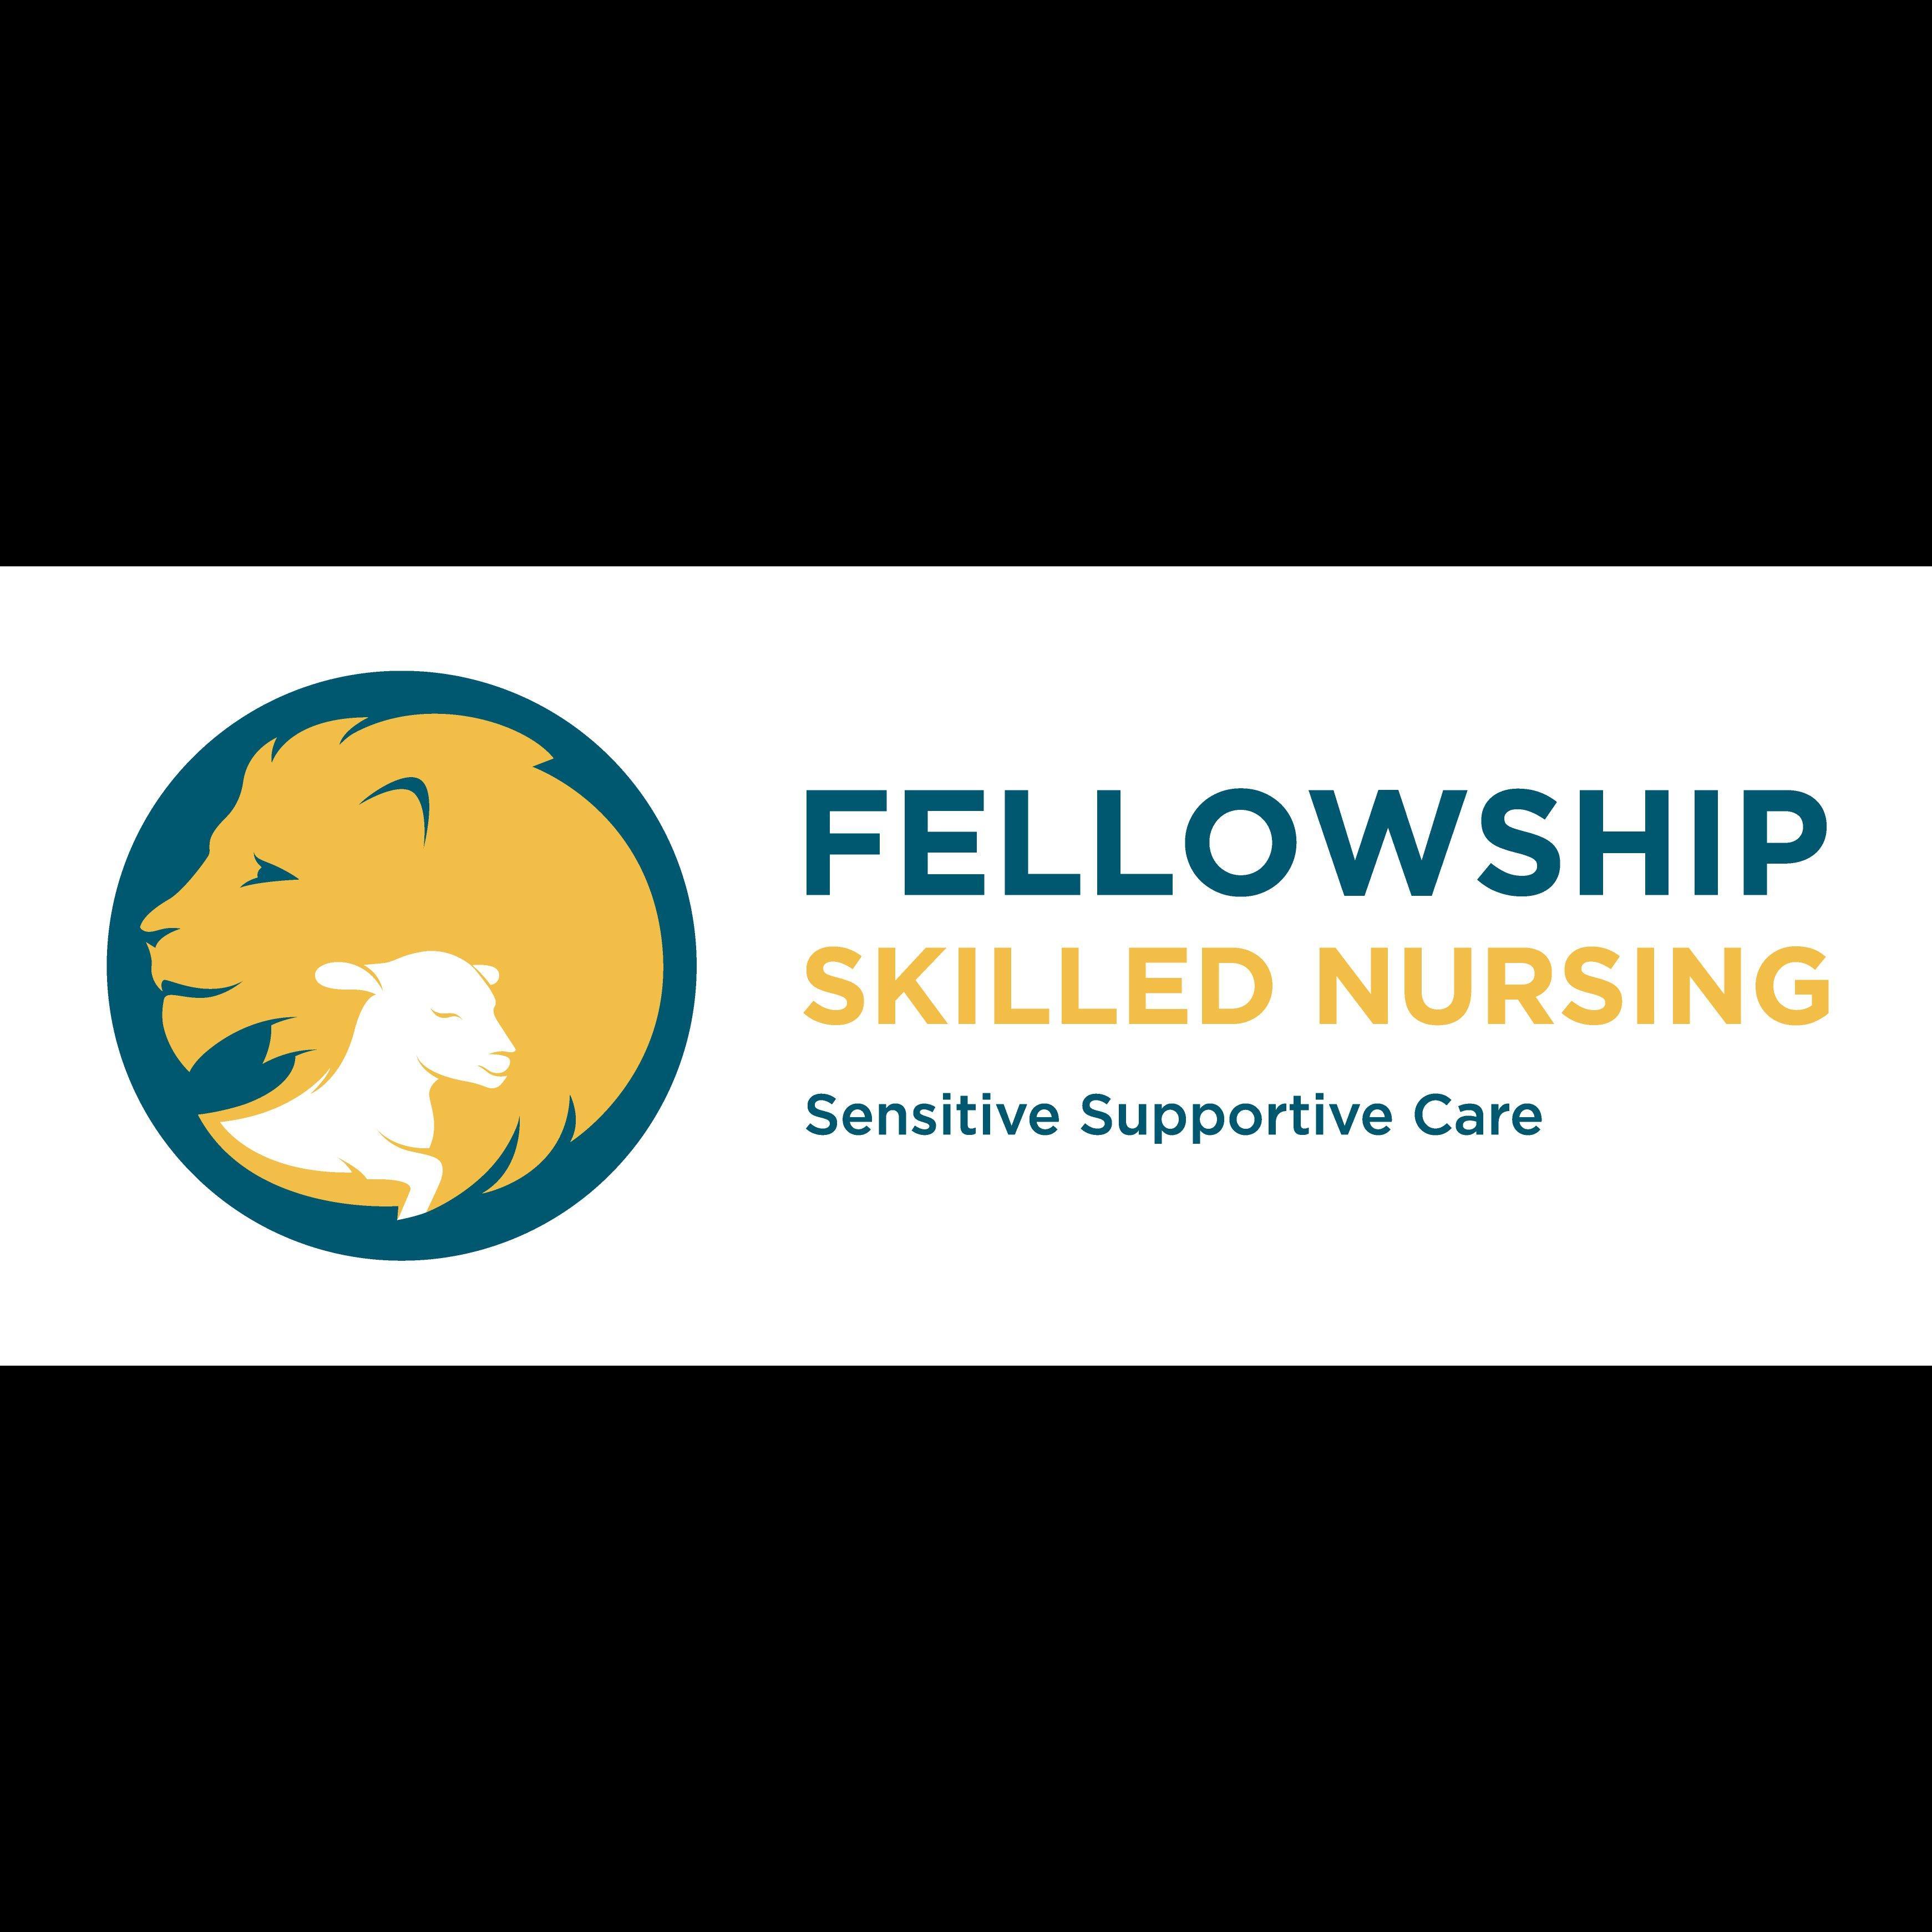 Skilled Nursing at Fellowship Village